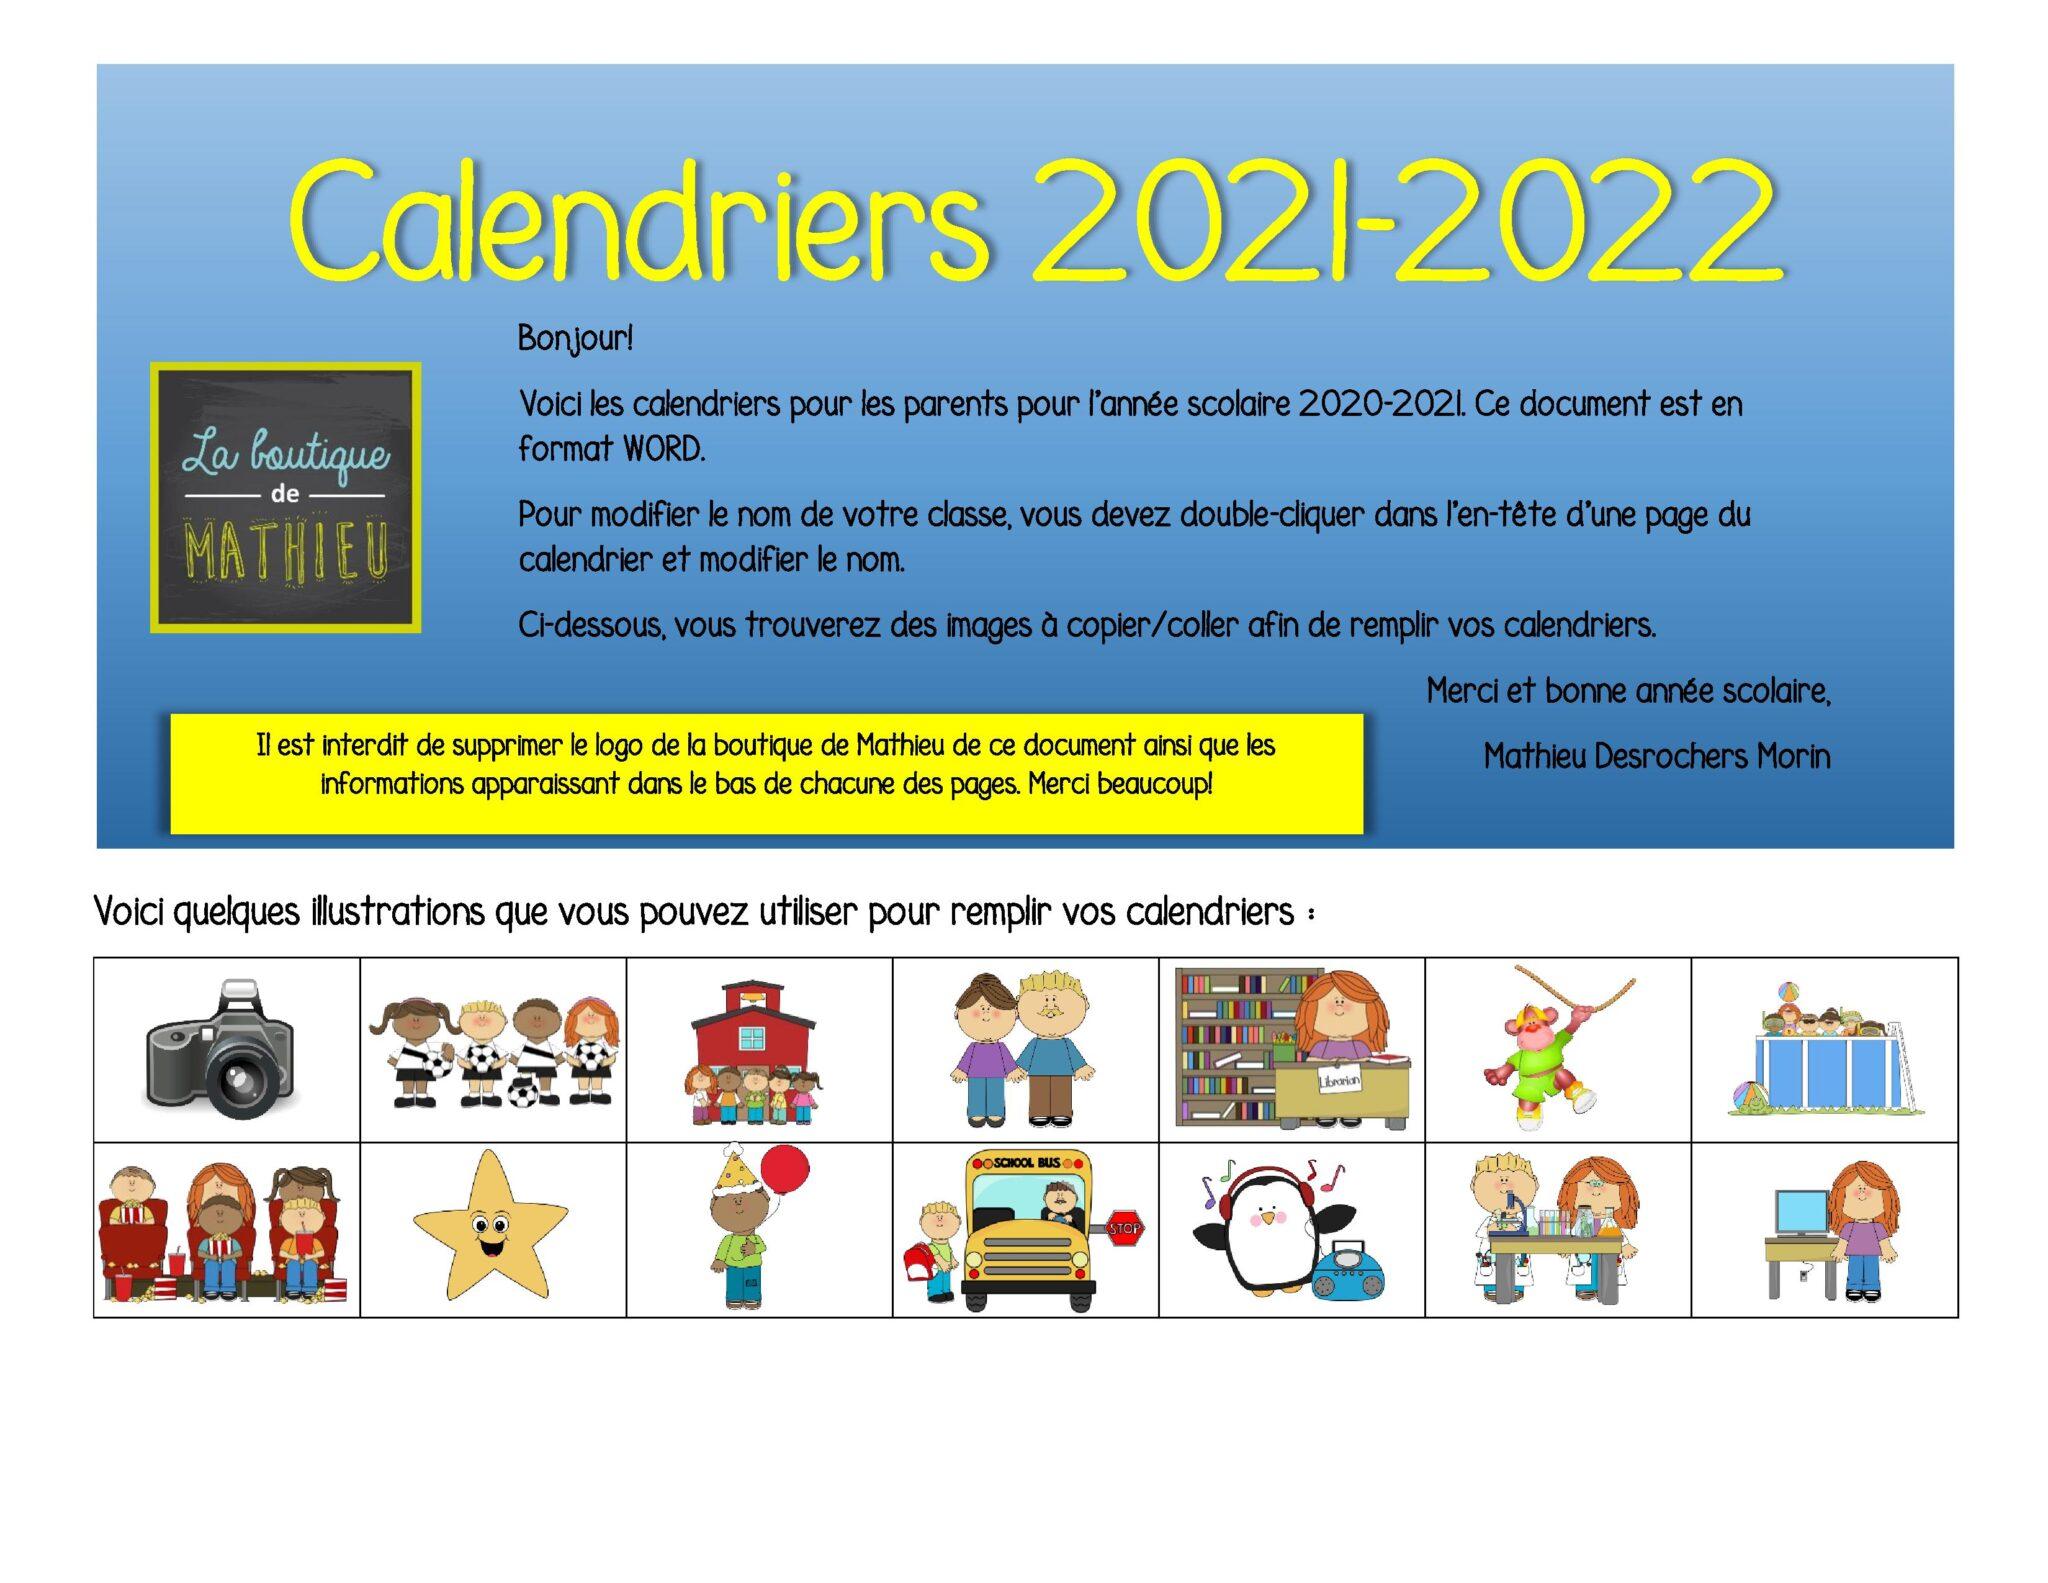 Calendrier Du Mois De Juillet 2022 Calendriers du mois pour les parents (août 2021 à juillet 2022